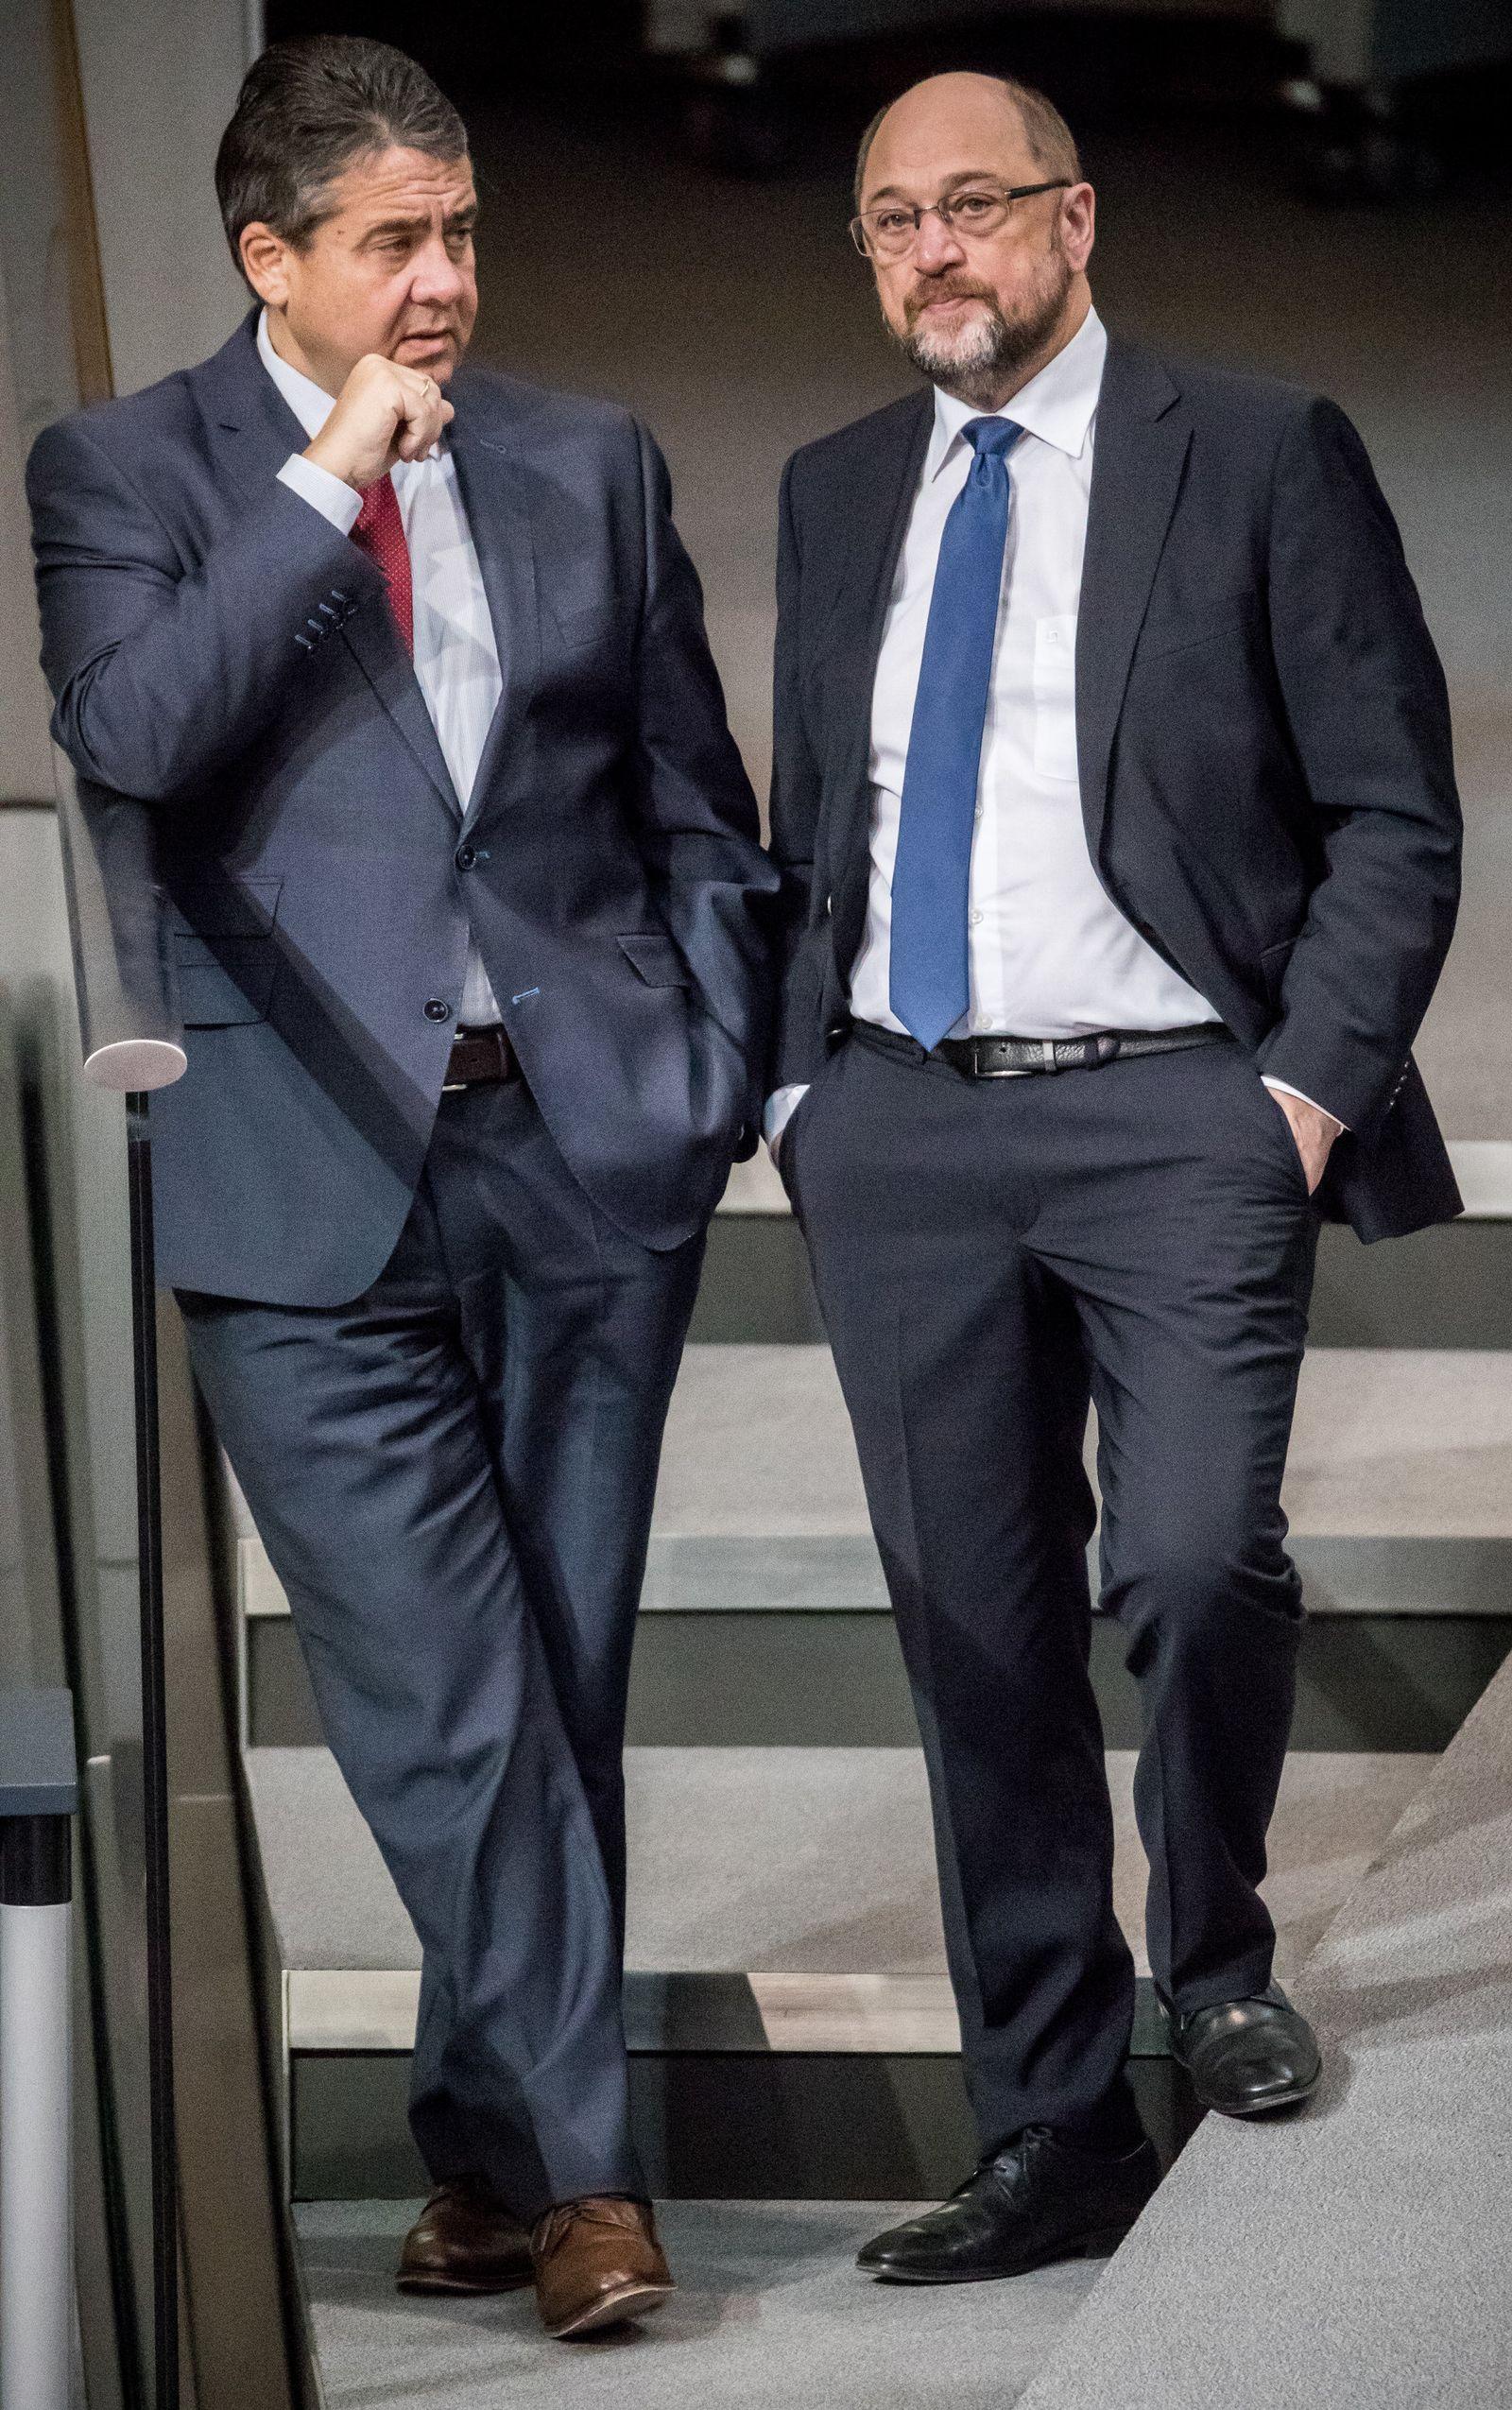 Sigmar Gabriel / Martin Schulz / Bundestag